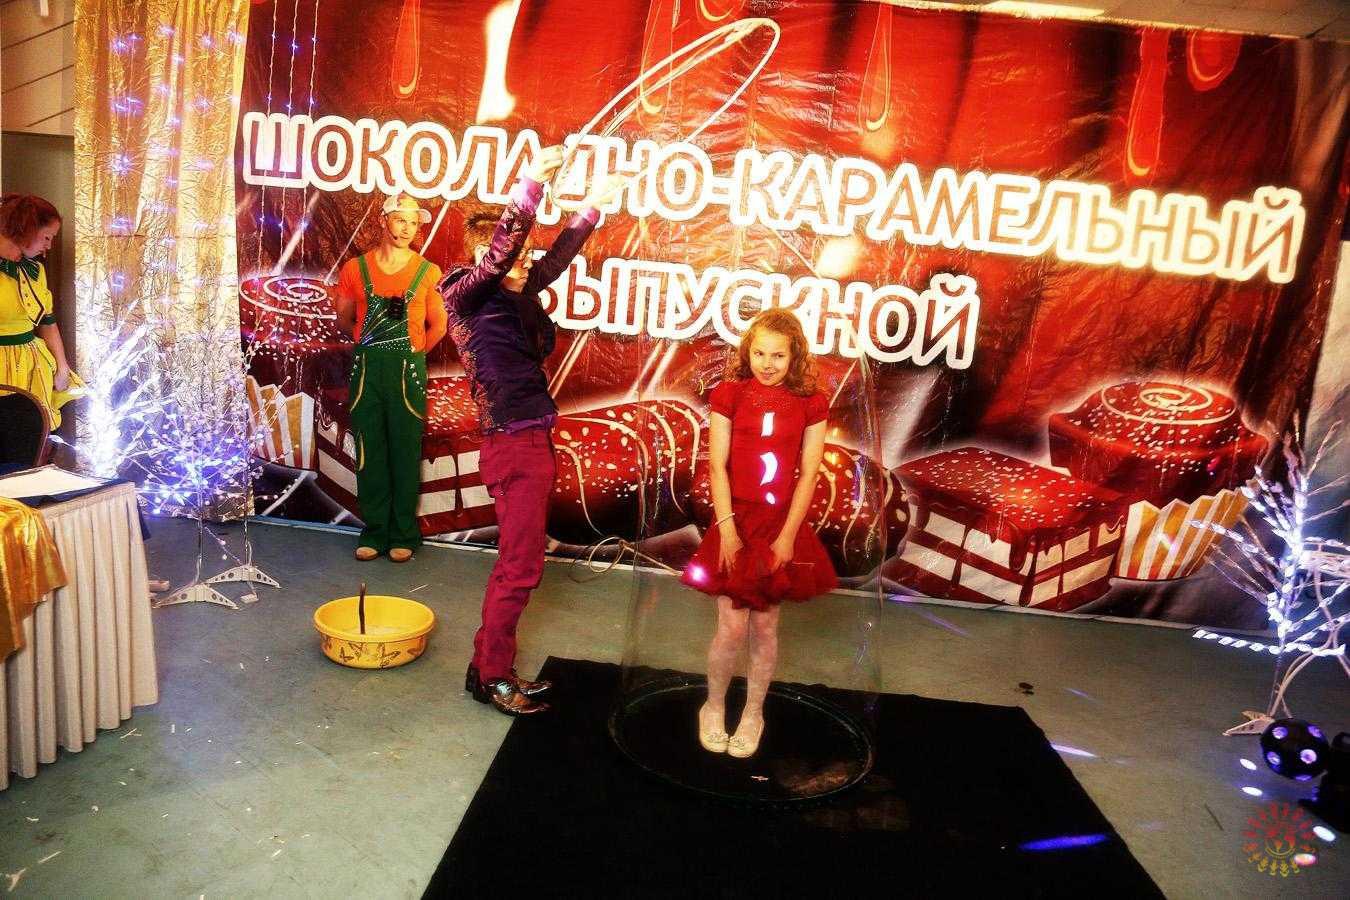 Шоколадно-Карамельный выпускной в ГК Космос 293 Москва